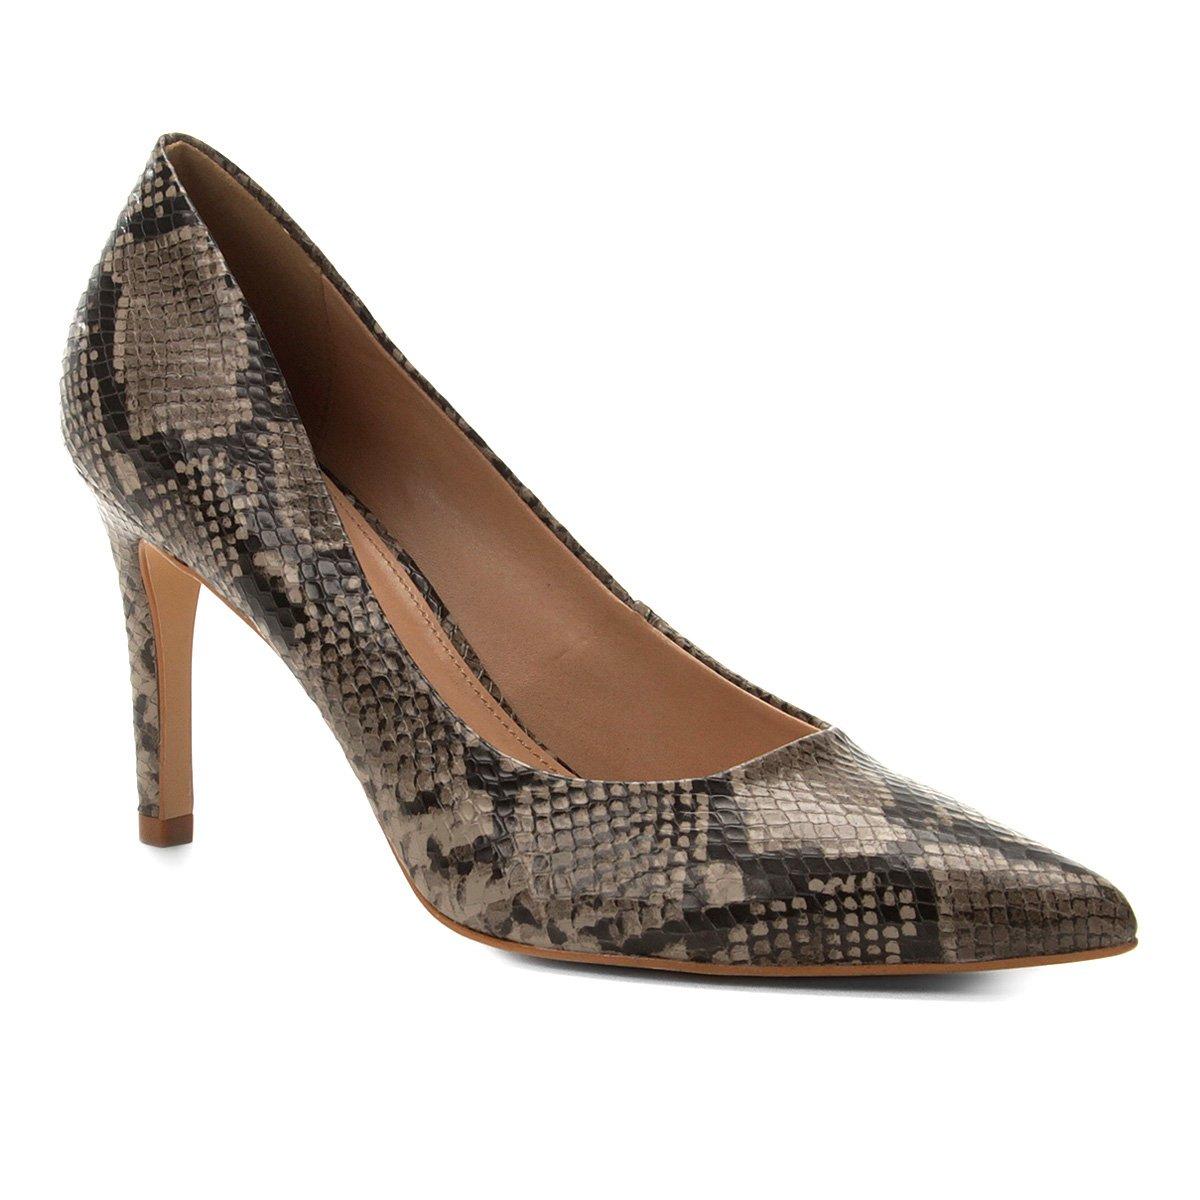 20eef97e2 Scarpin Couro Shoestock Snake Salto Alto Bico Fino - Cinza - Compre Agora